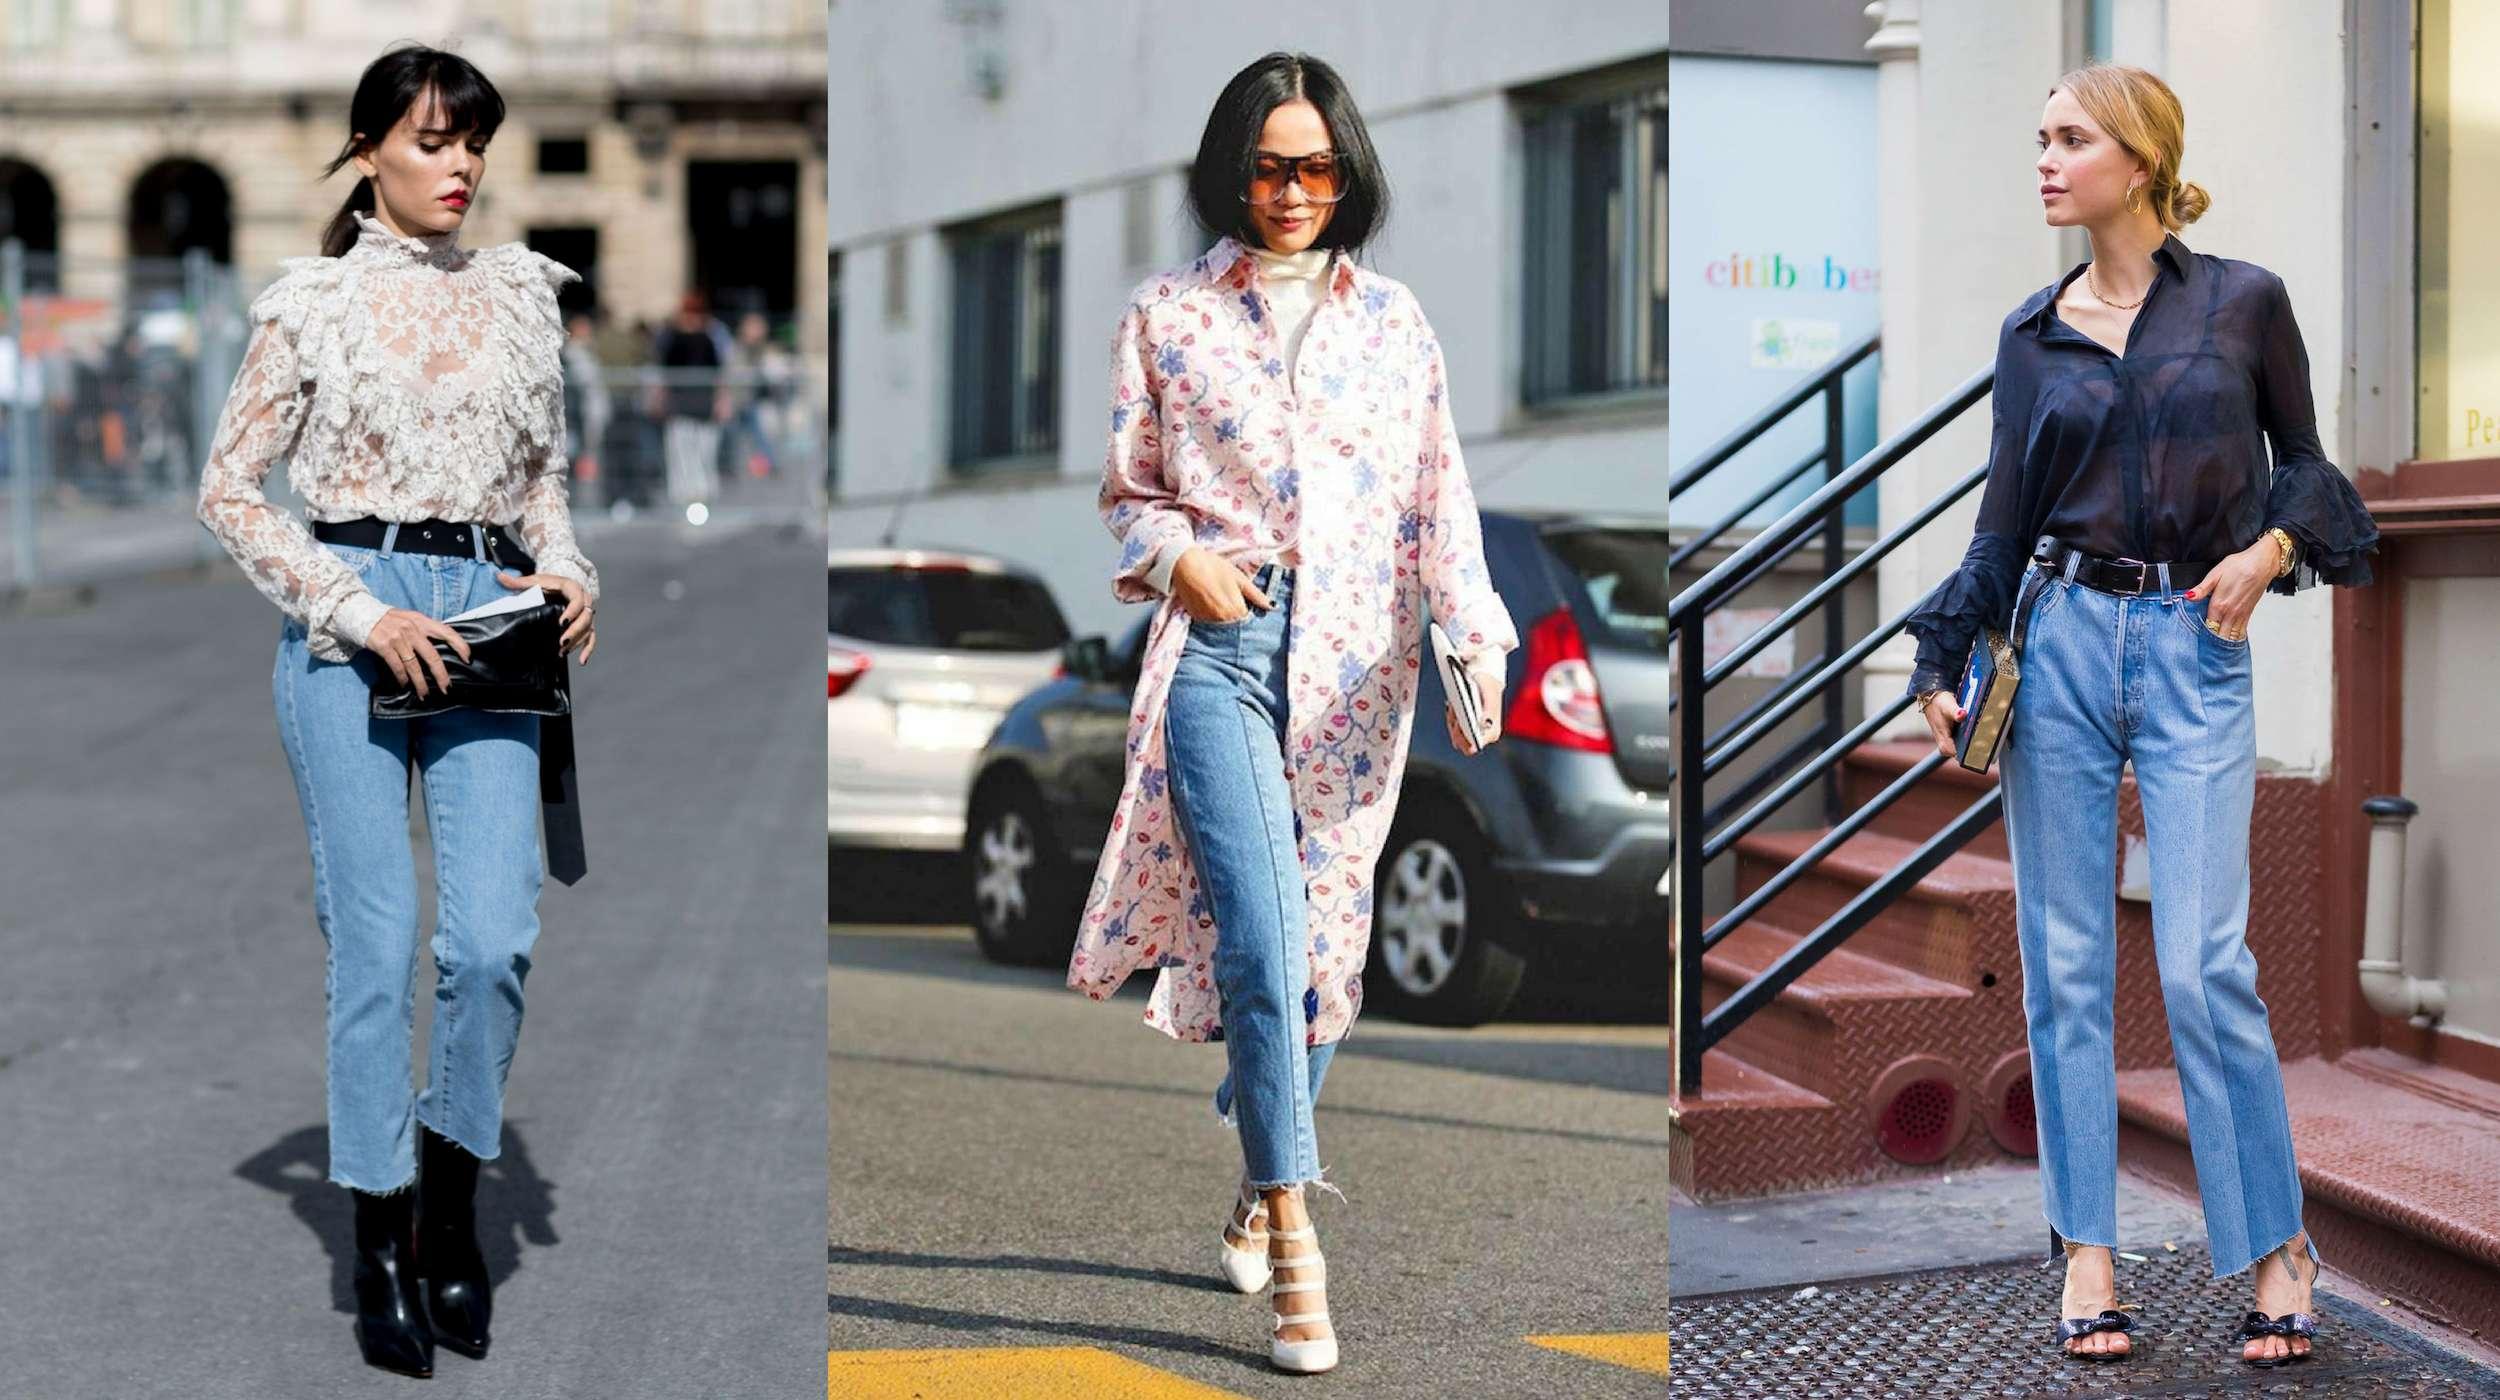 lựa chọn quần jeans hoàn hảo theo từng dáng người